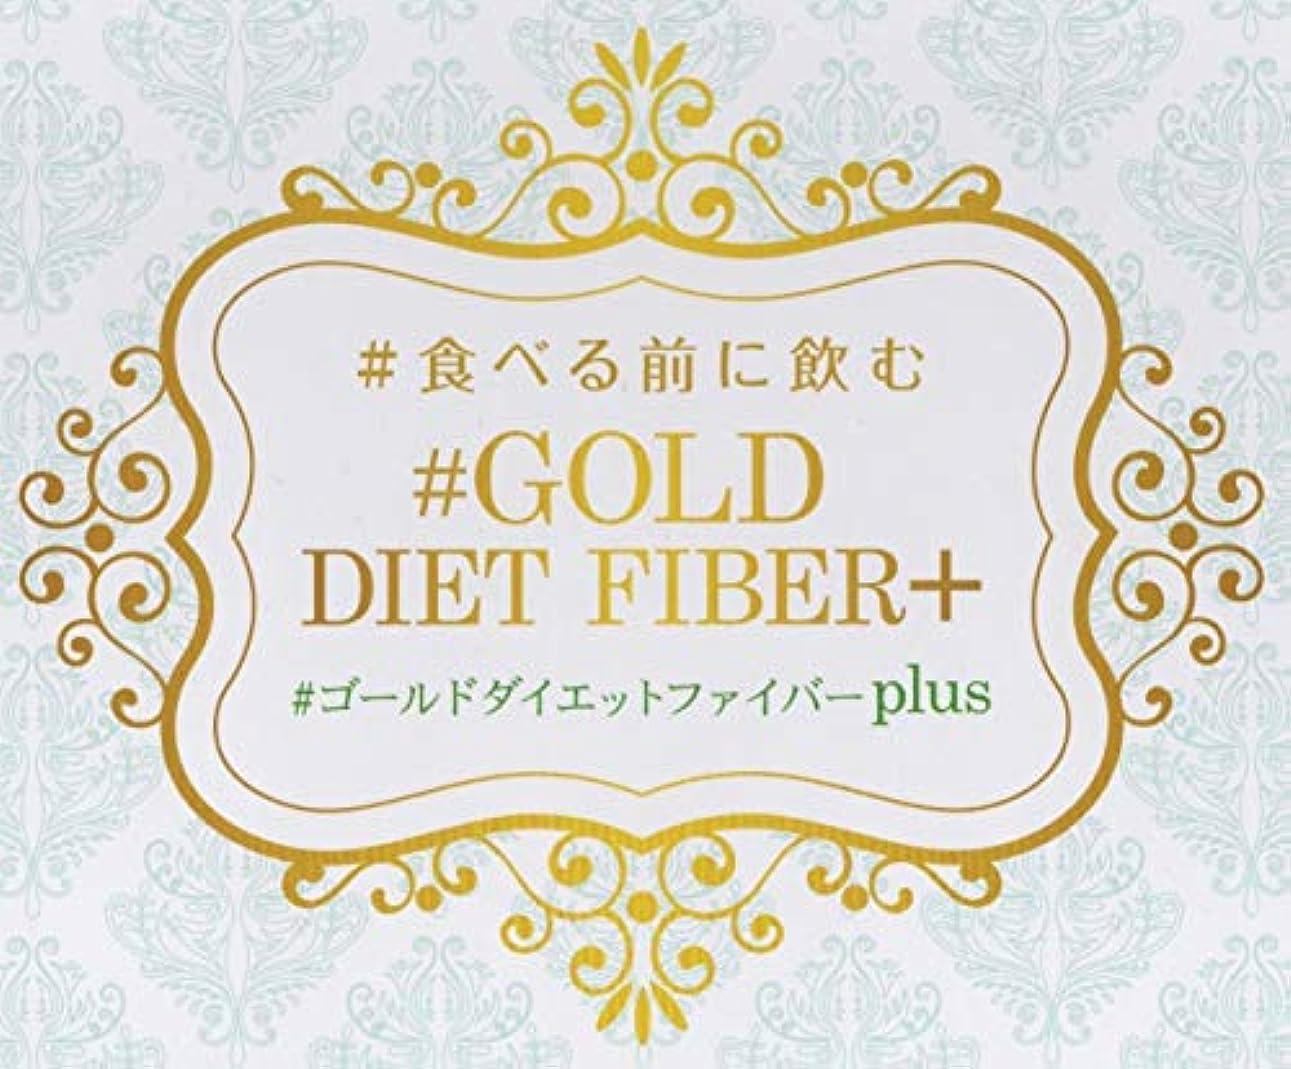 補正テクニカル接続された食べる前に飲む ゴールド ダイエット ファイバー [お試し価格](水溶性食物繊維とマルチビタミン)[ほんのりレモン味]